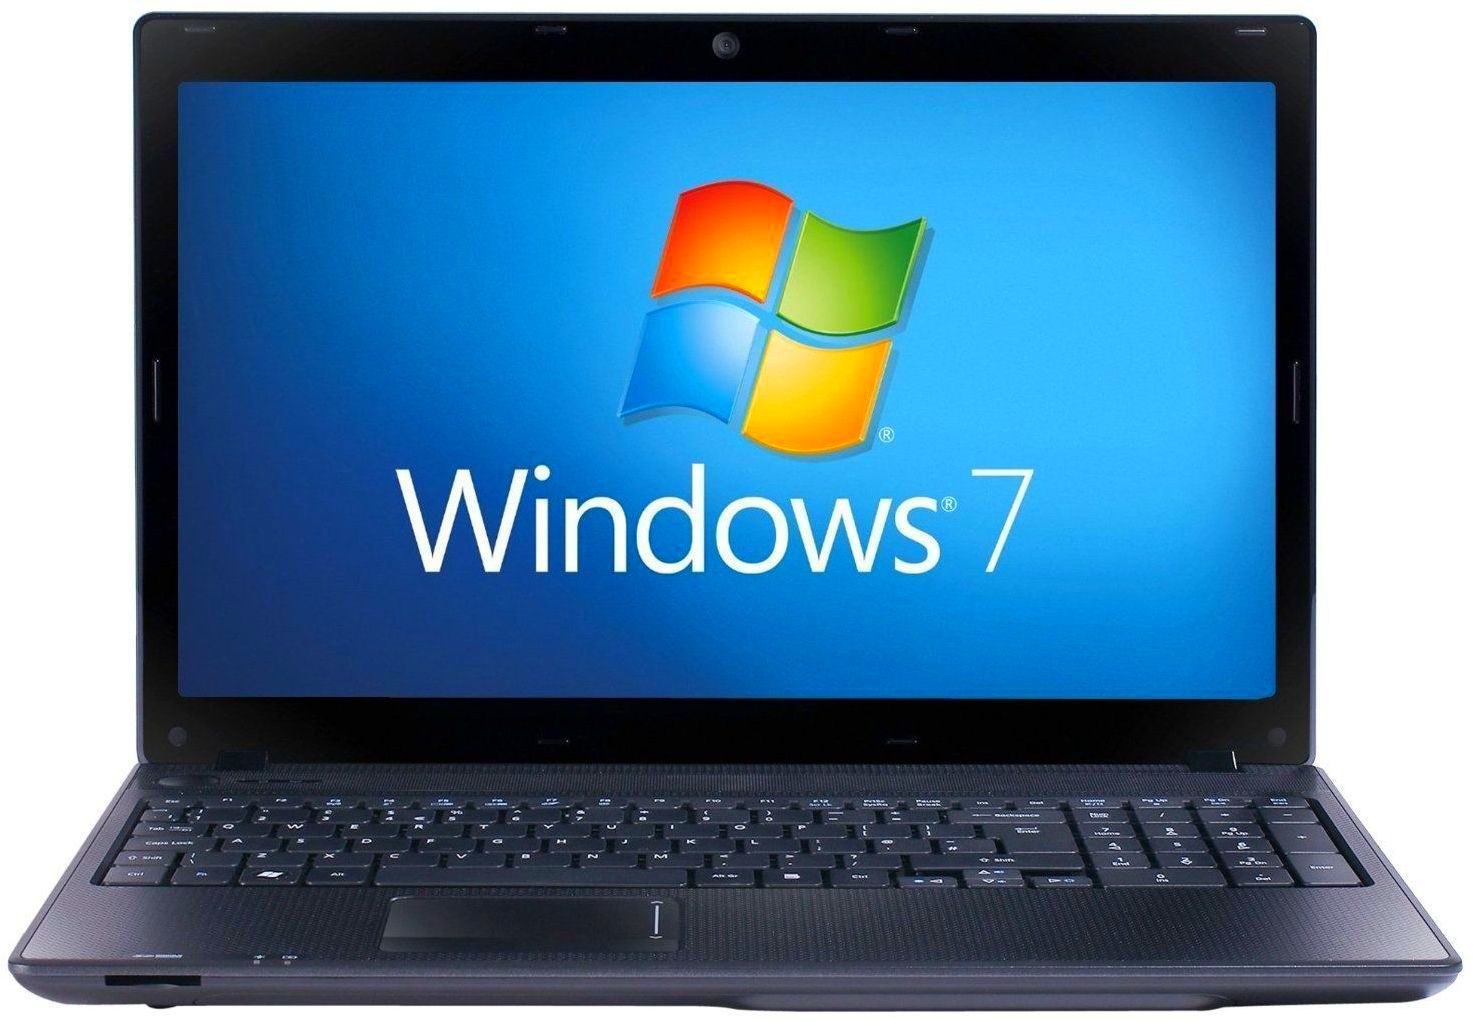 ТОП 3 способа Как установить драйвера на Windows 7: Руководство: Установка Windows 7 с